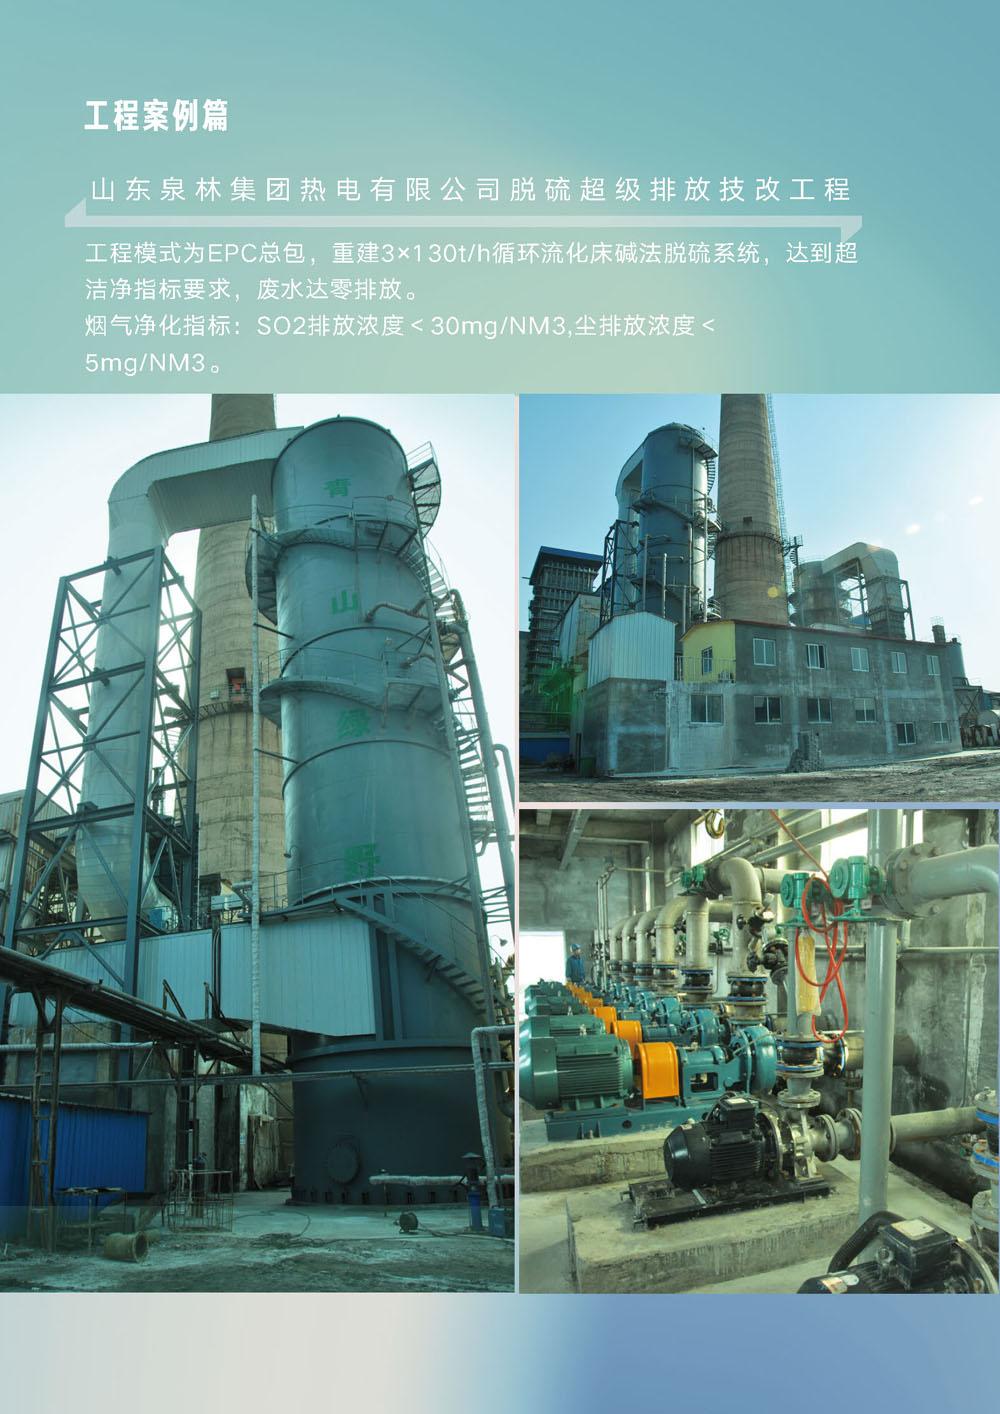 山东泉林集团热电有限公司脱硫超低排放技改工程